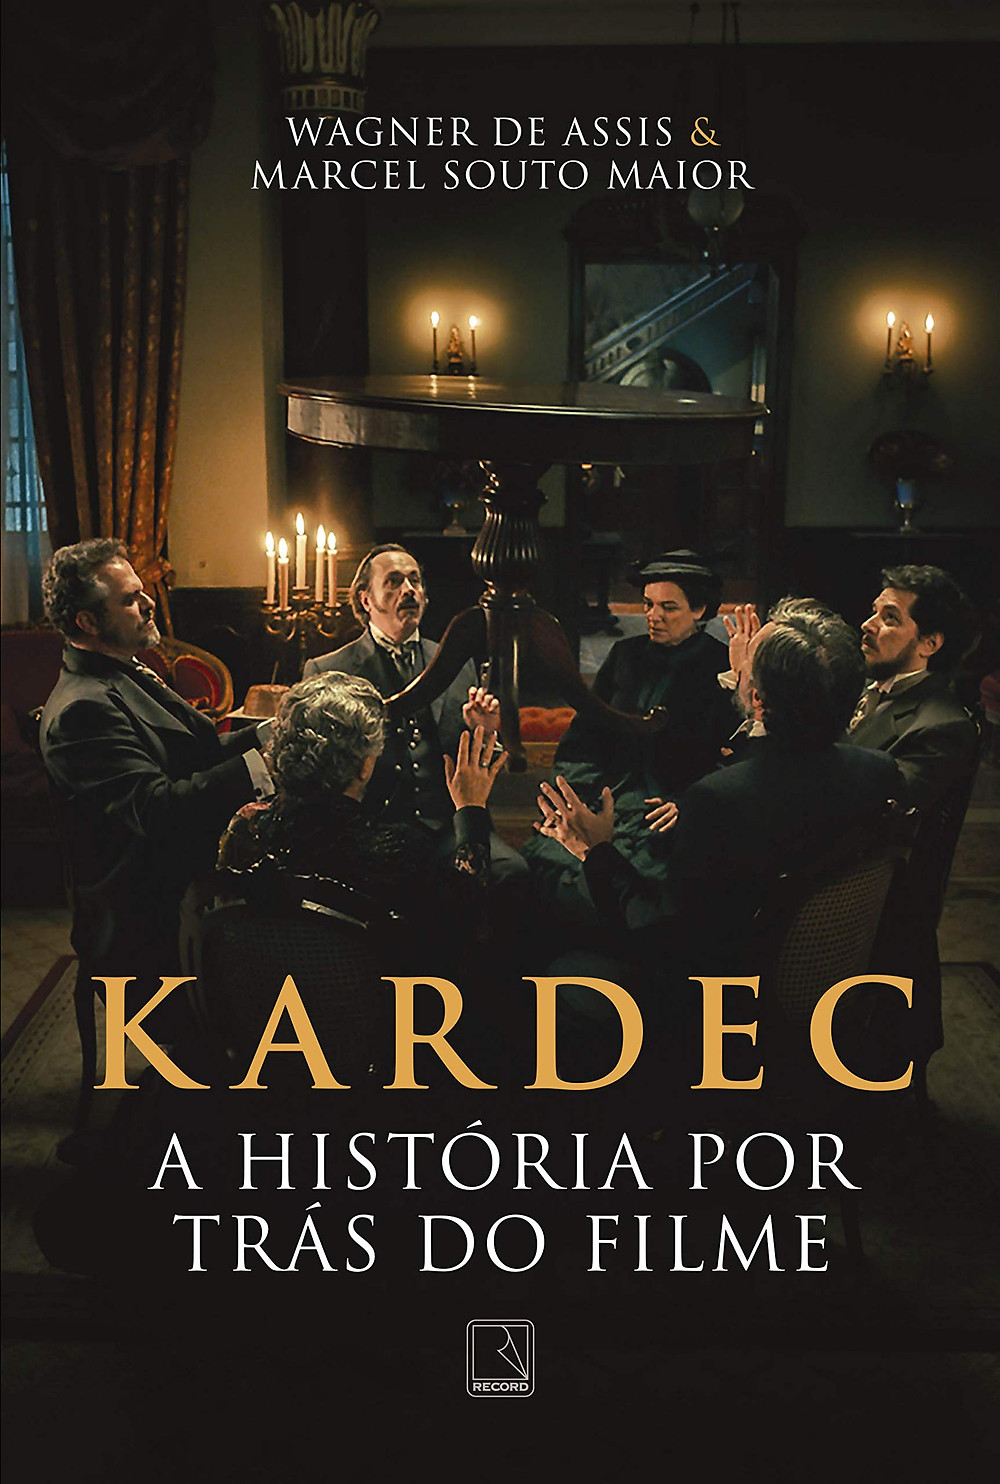 Capa do livro de bastidores Kardec: A História por Trás do Filme (2019), de Wagner de Assis e Marcel Souto Maior